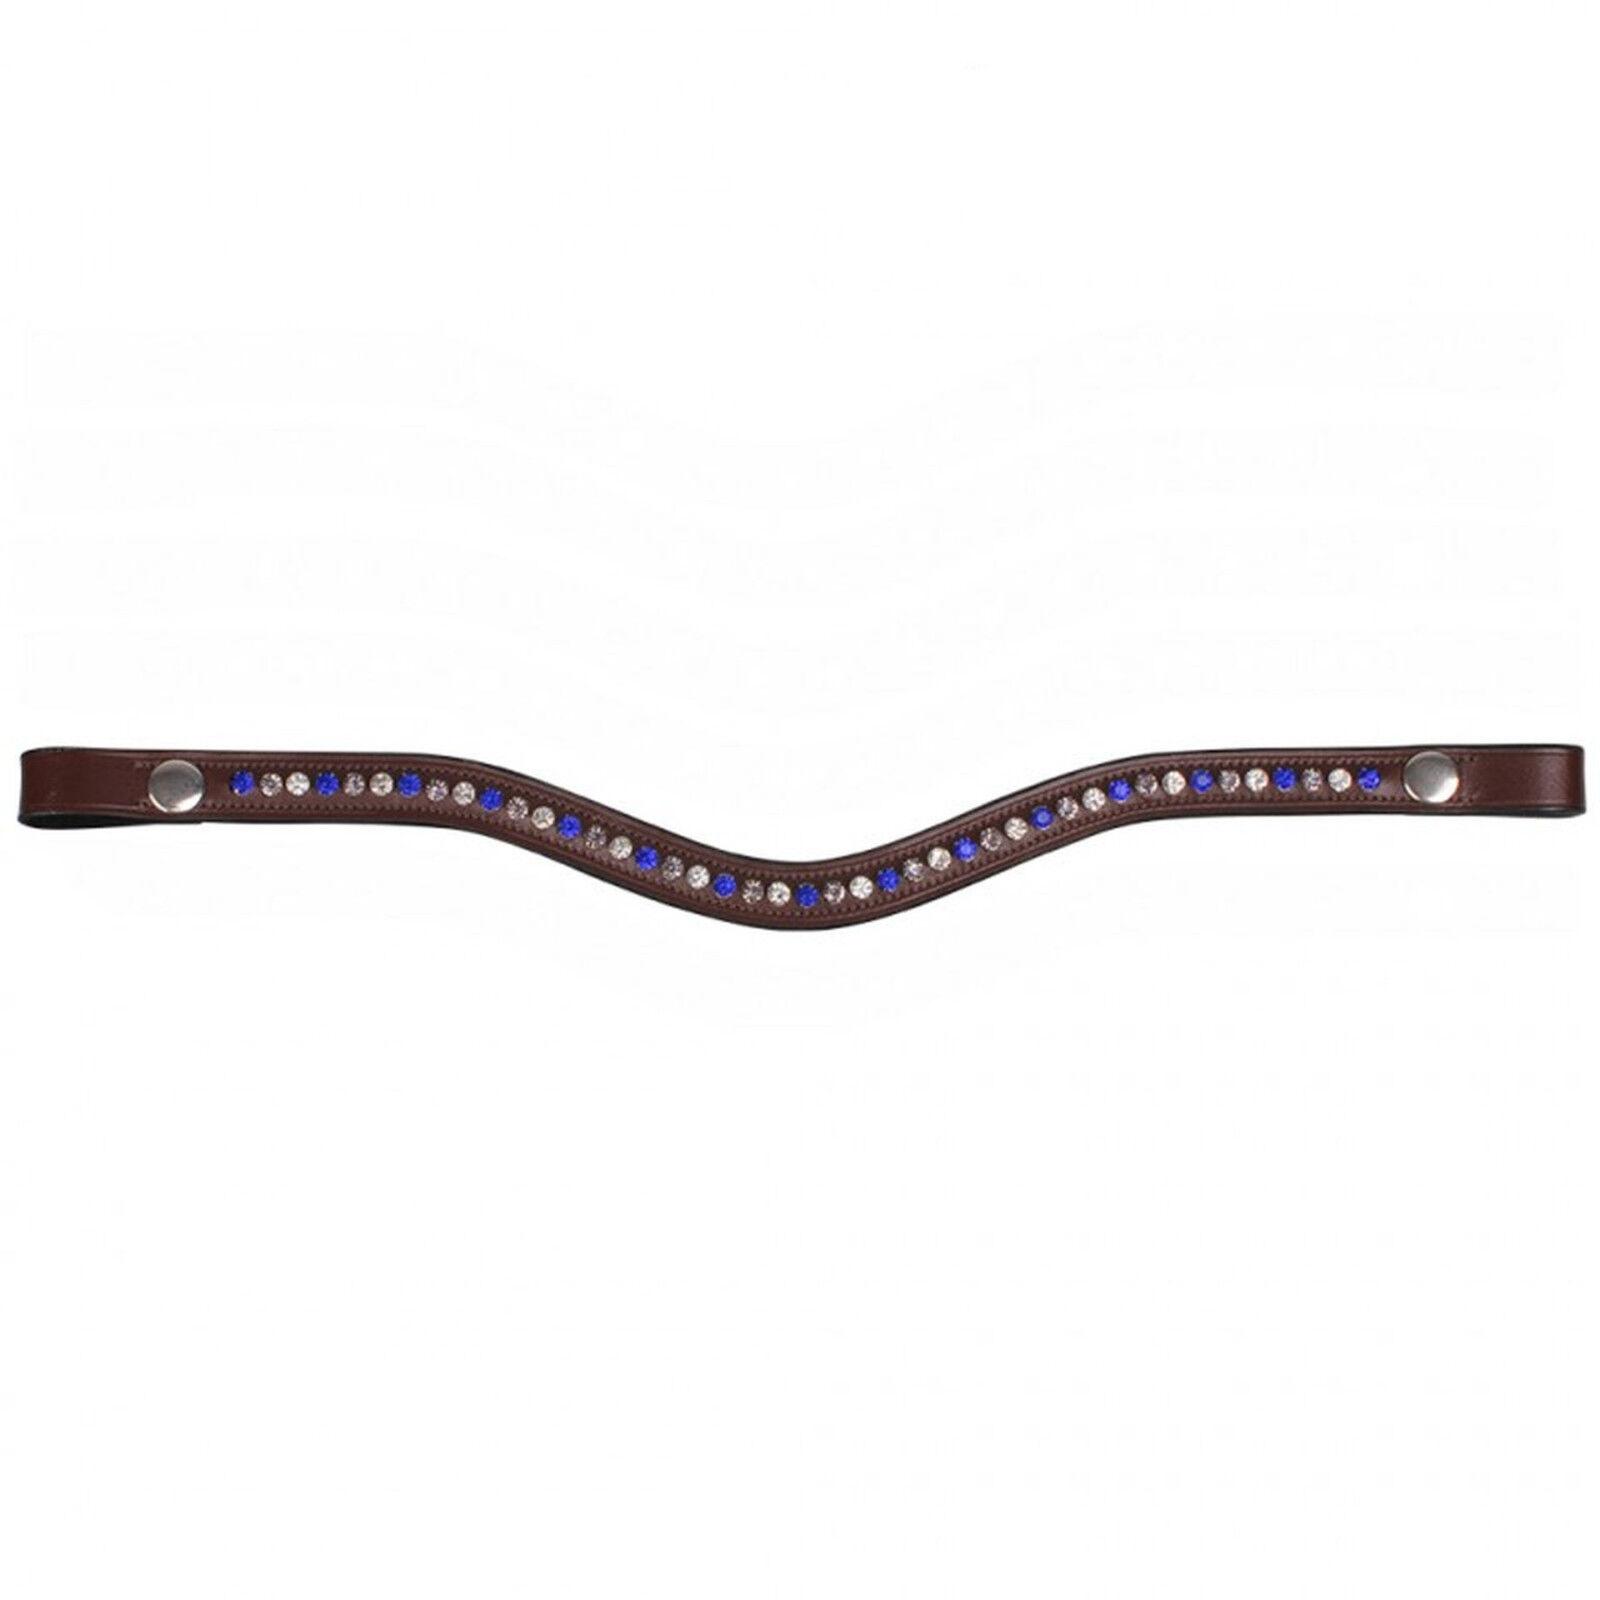 QHP Leder Stirnband Floria brown große farbige Strass-Steine 4 Größen